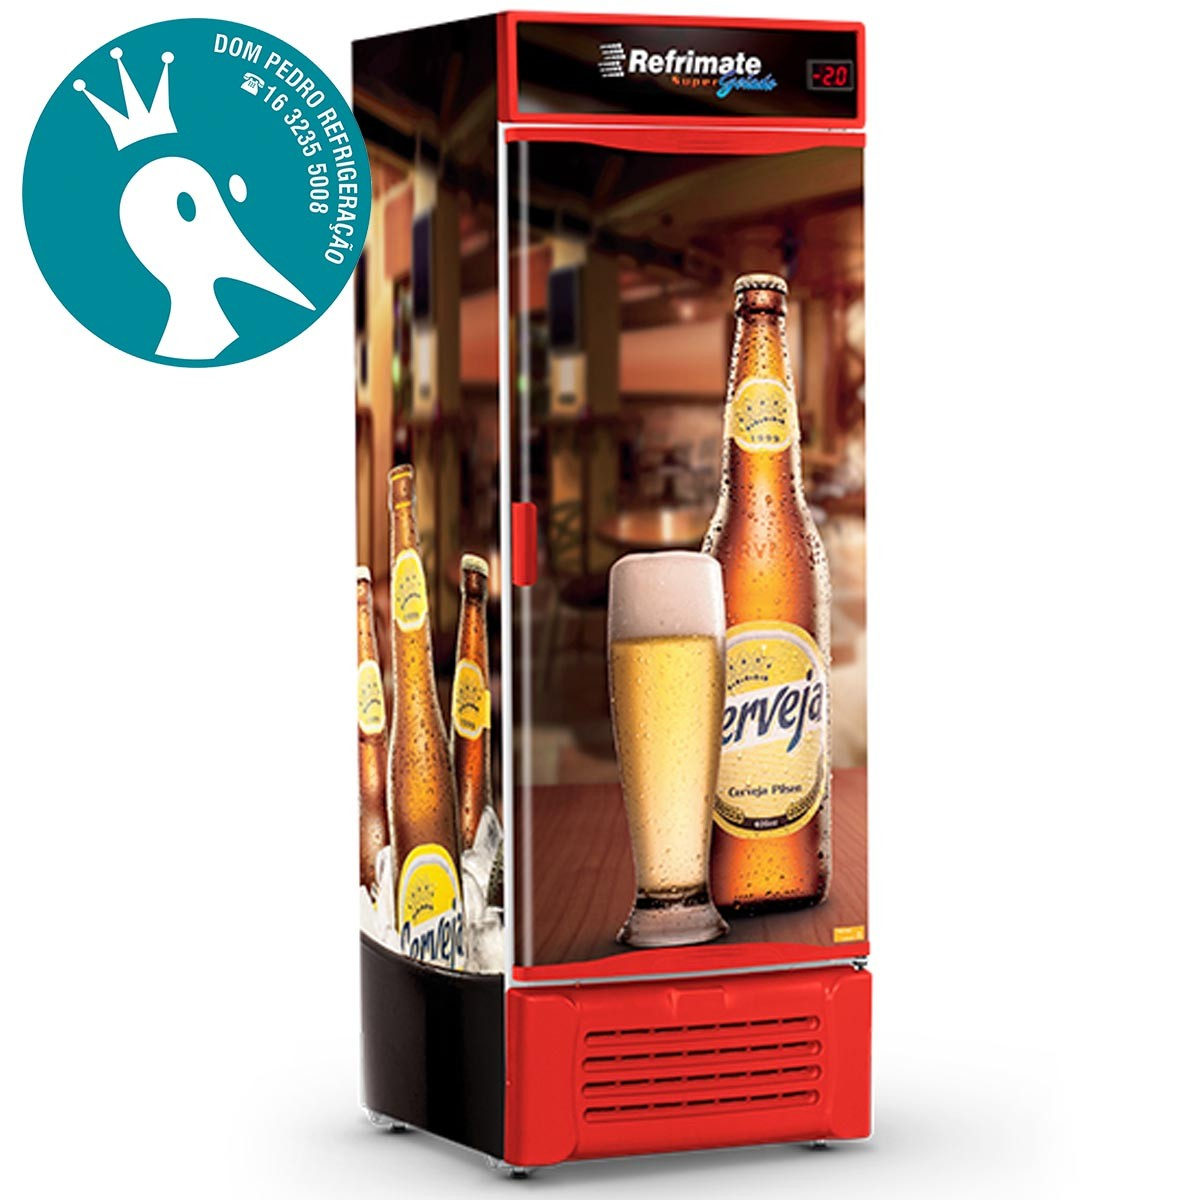 Cervejeira Refrimate VCC 600S Adesivo Bar 600 Litros Porta Sólida